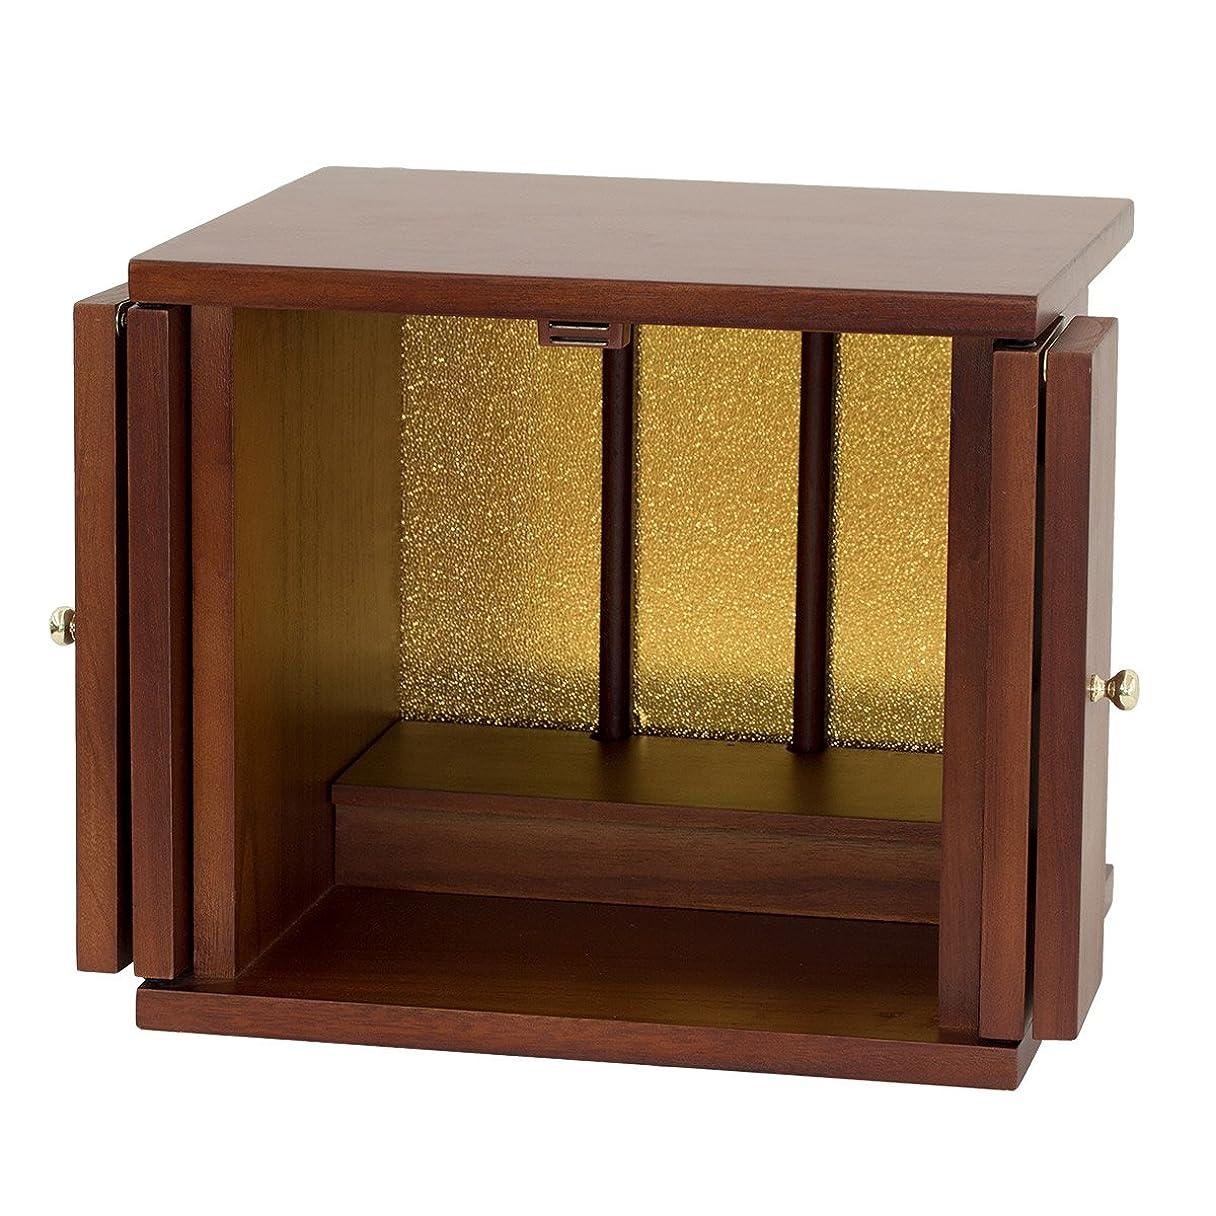 世論調査形アスペクトクロシオ 小型仏壇 ちいさやか 改訂版 幅30cm ミニ仏壇 095499